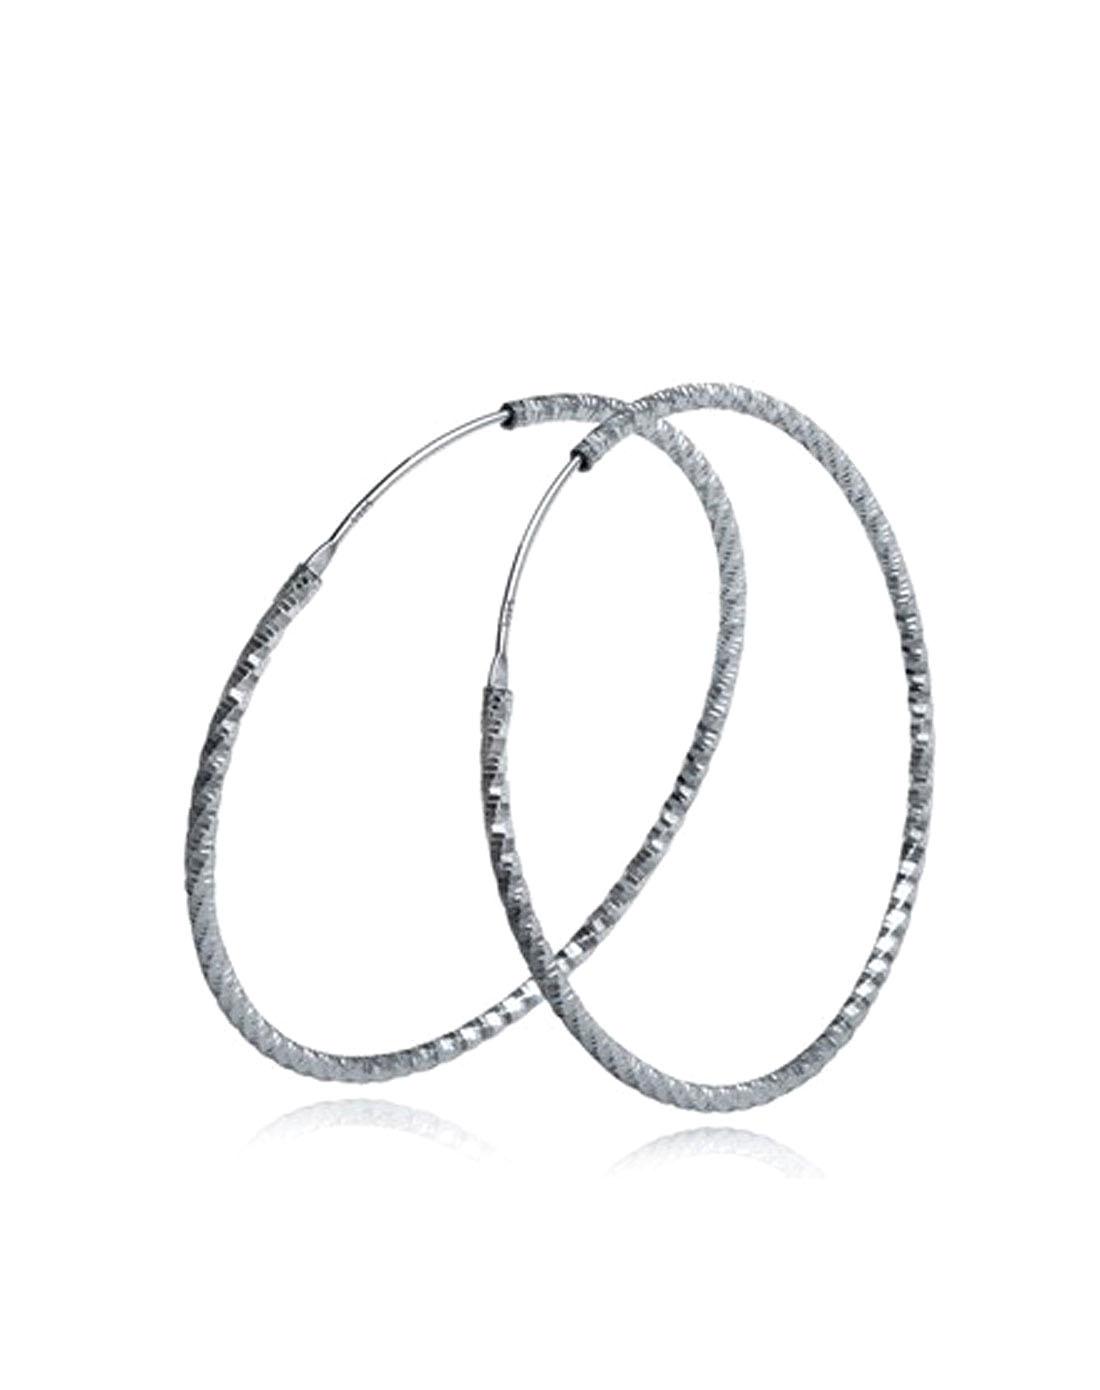 925纯银大圆圈耳环4cmx1mm空心耳圈